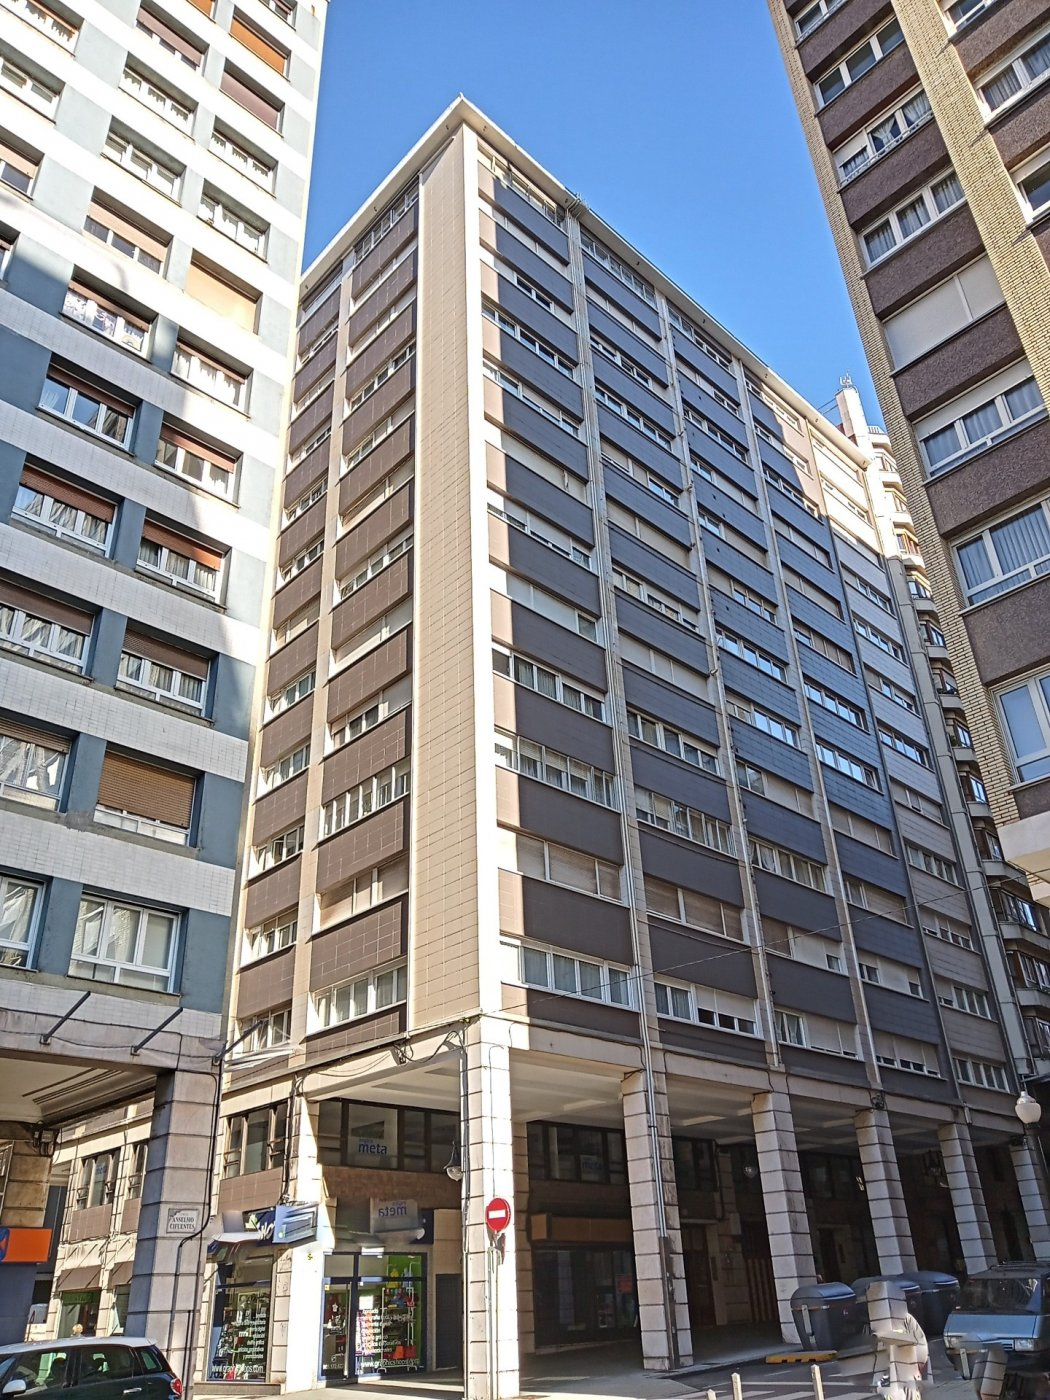 Apartamento, Centro, Venta - Asturias (Asturias)